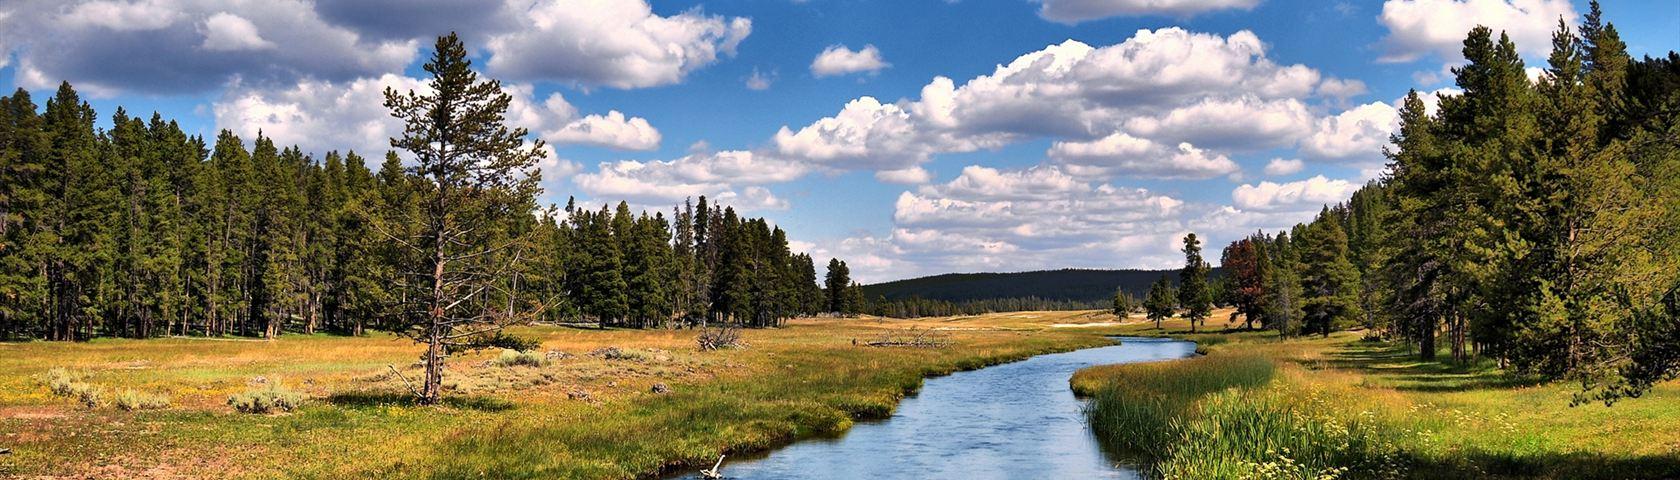 Riverside Forests